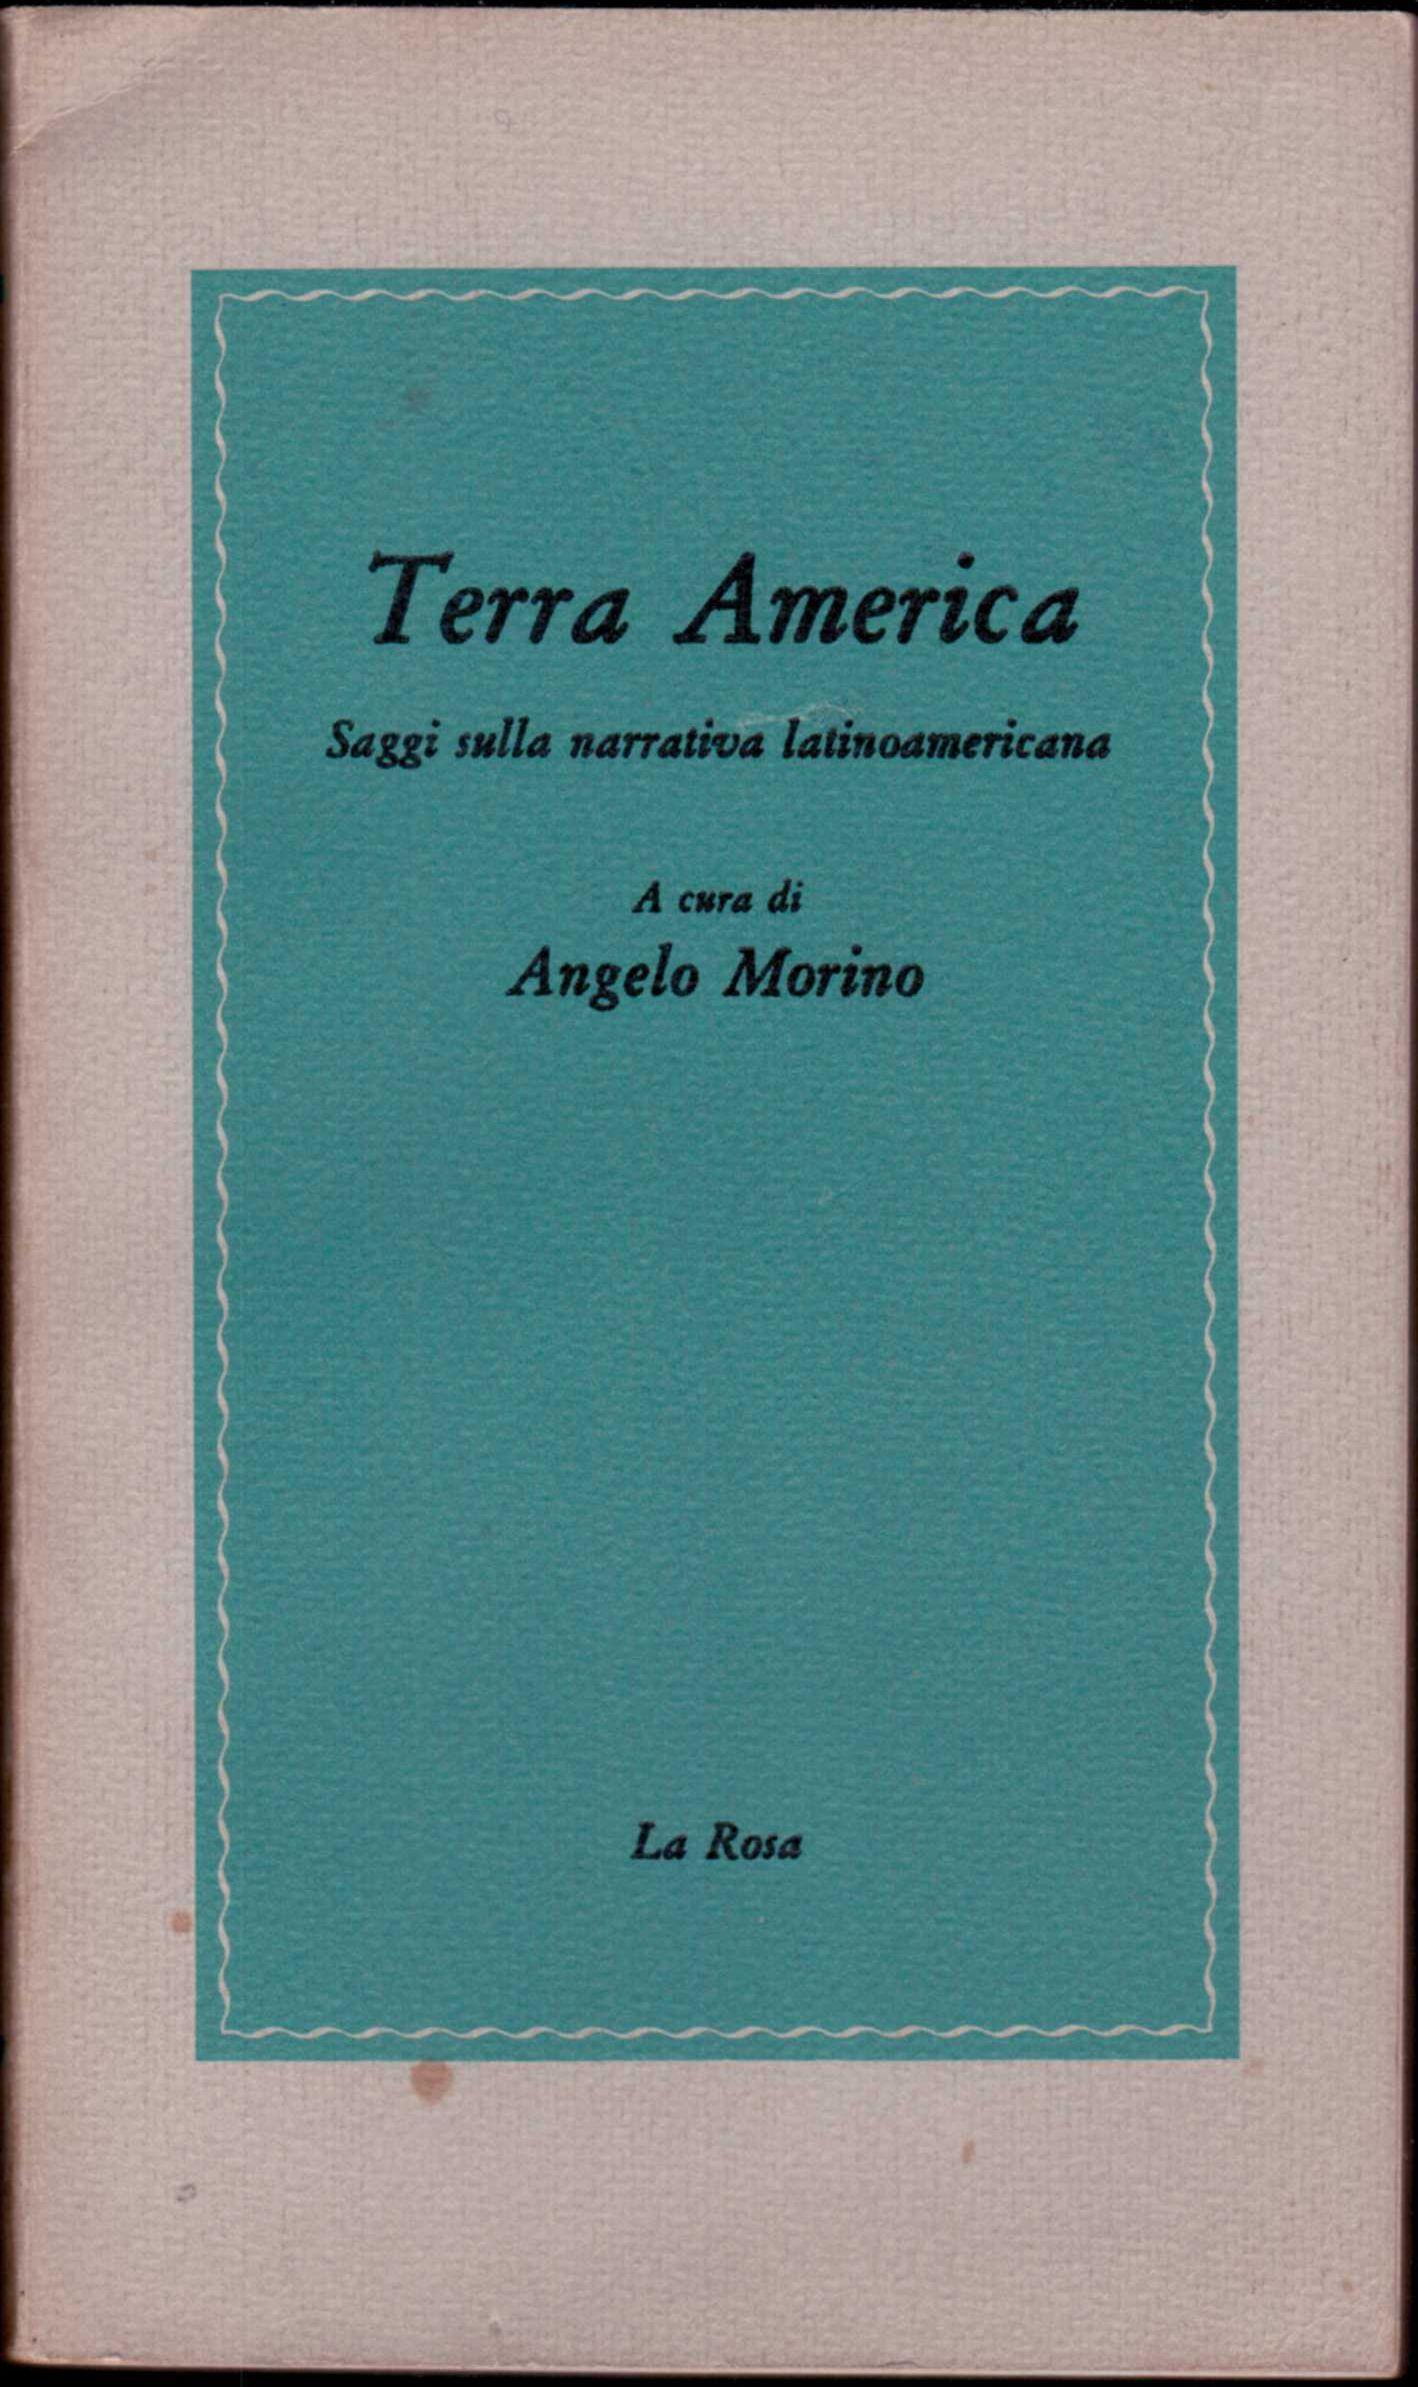 Terra America